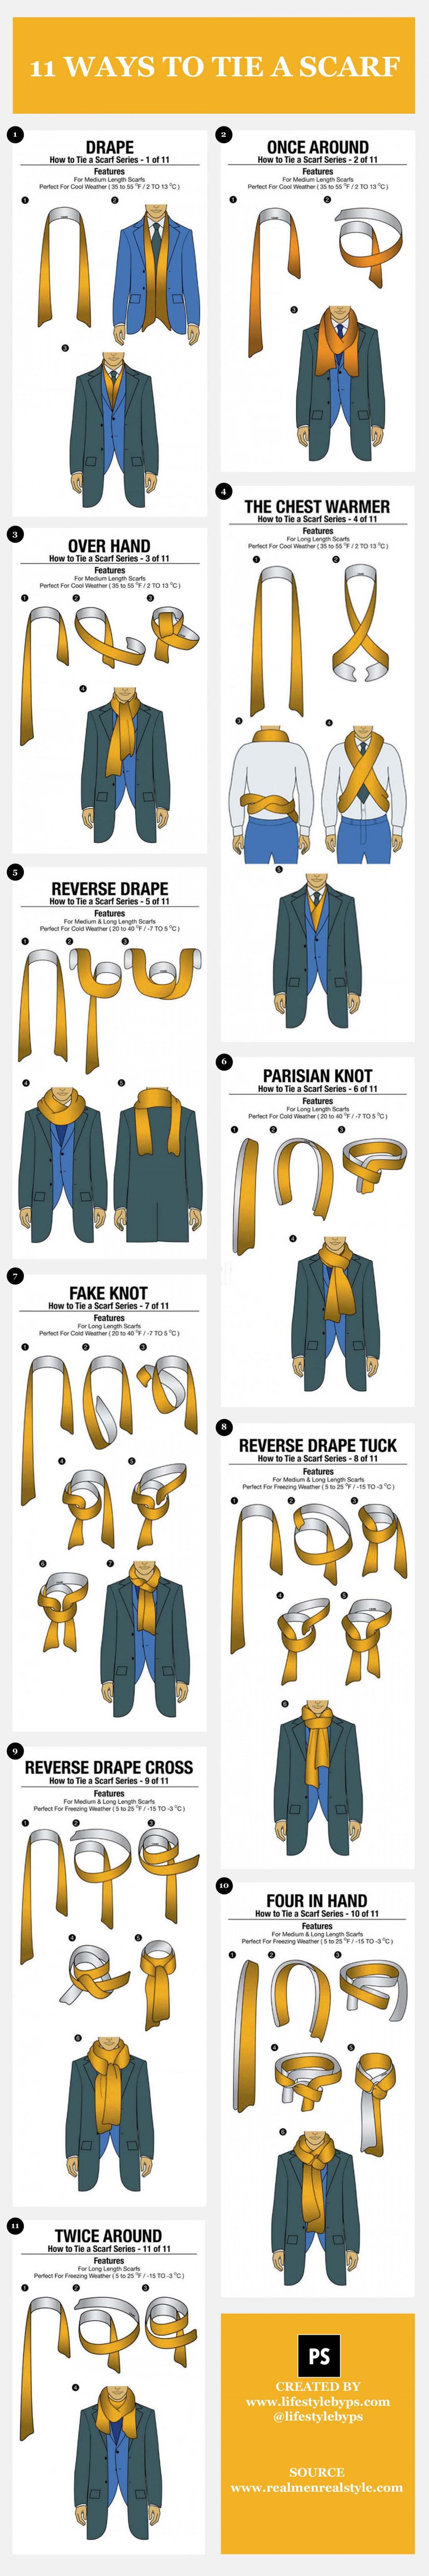 Ways-To-Tie-A-Scarf